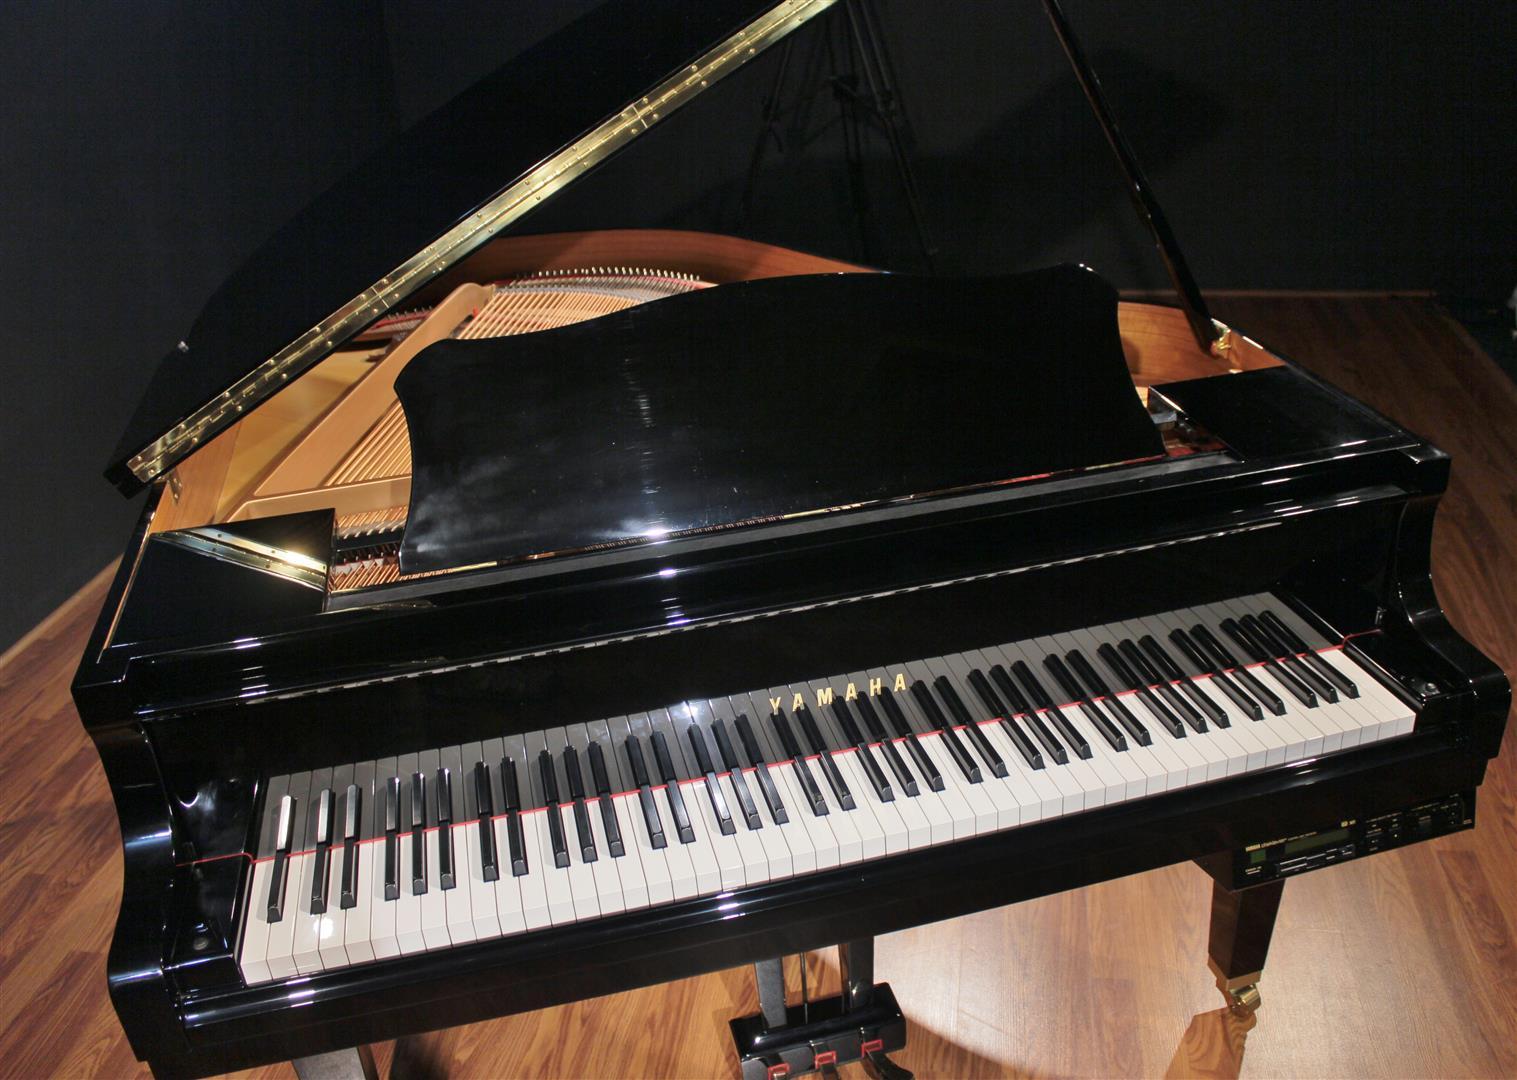 Yamaha disklavier 5 39 3 39 39 baby grand piano dgp1xg 1999 ebay for Yamaha disklavier grand piano